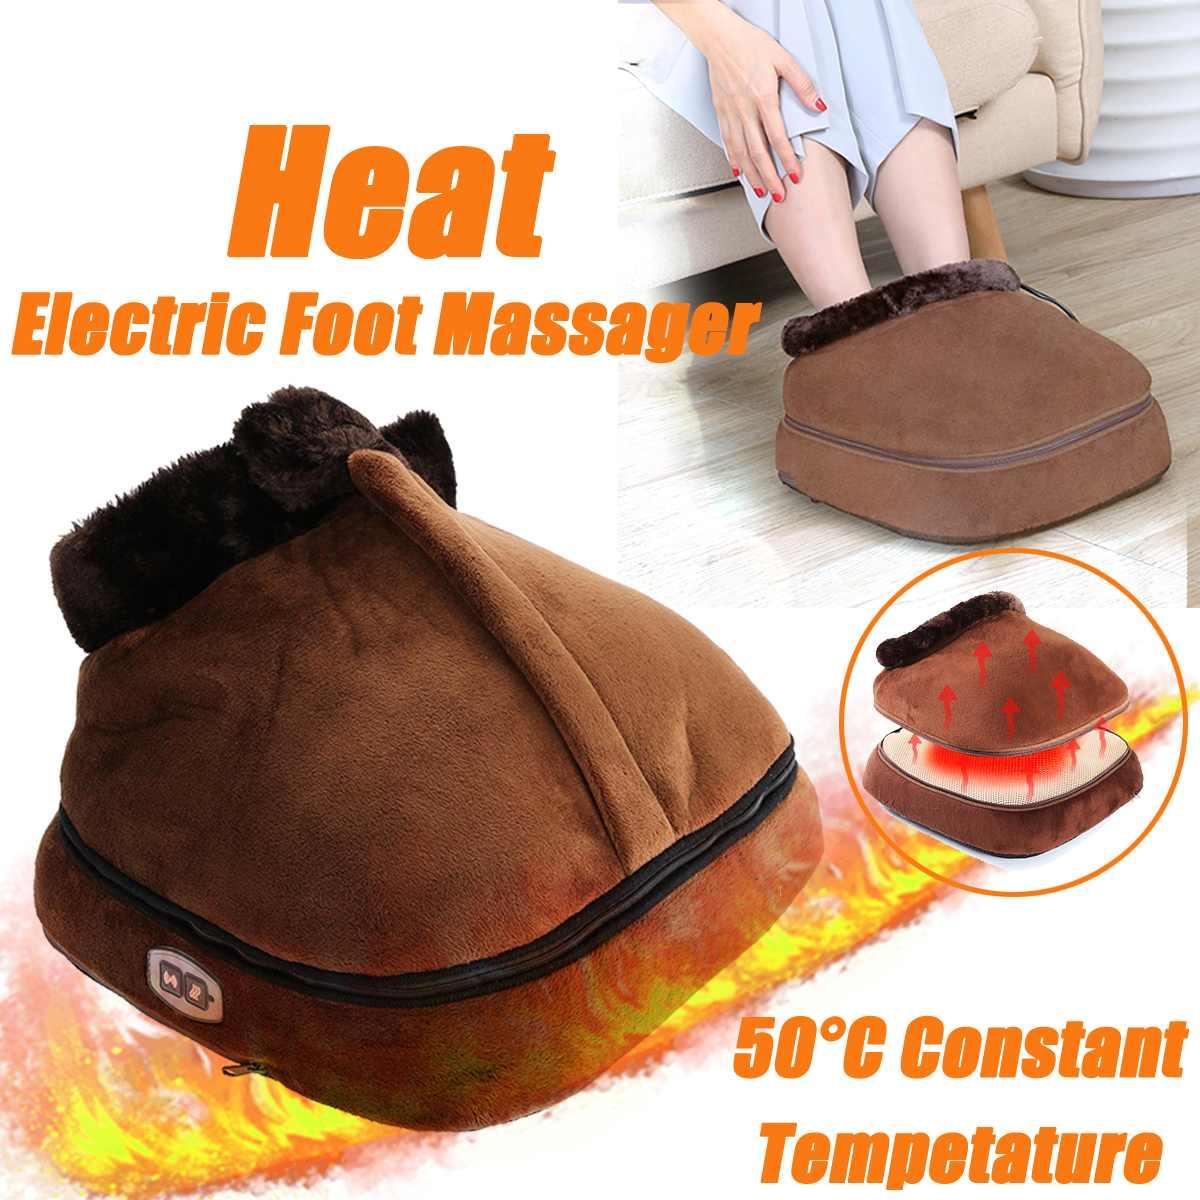 Foot Heat Massager